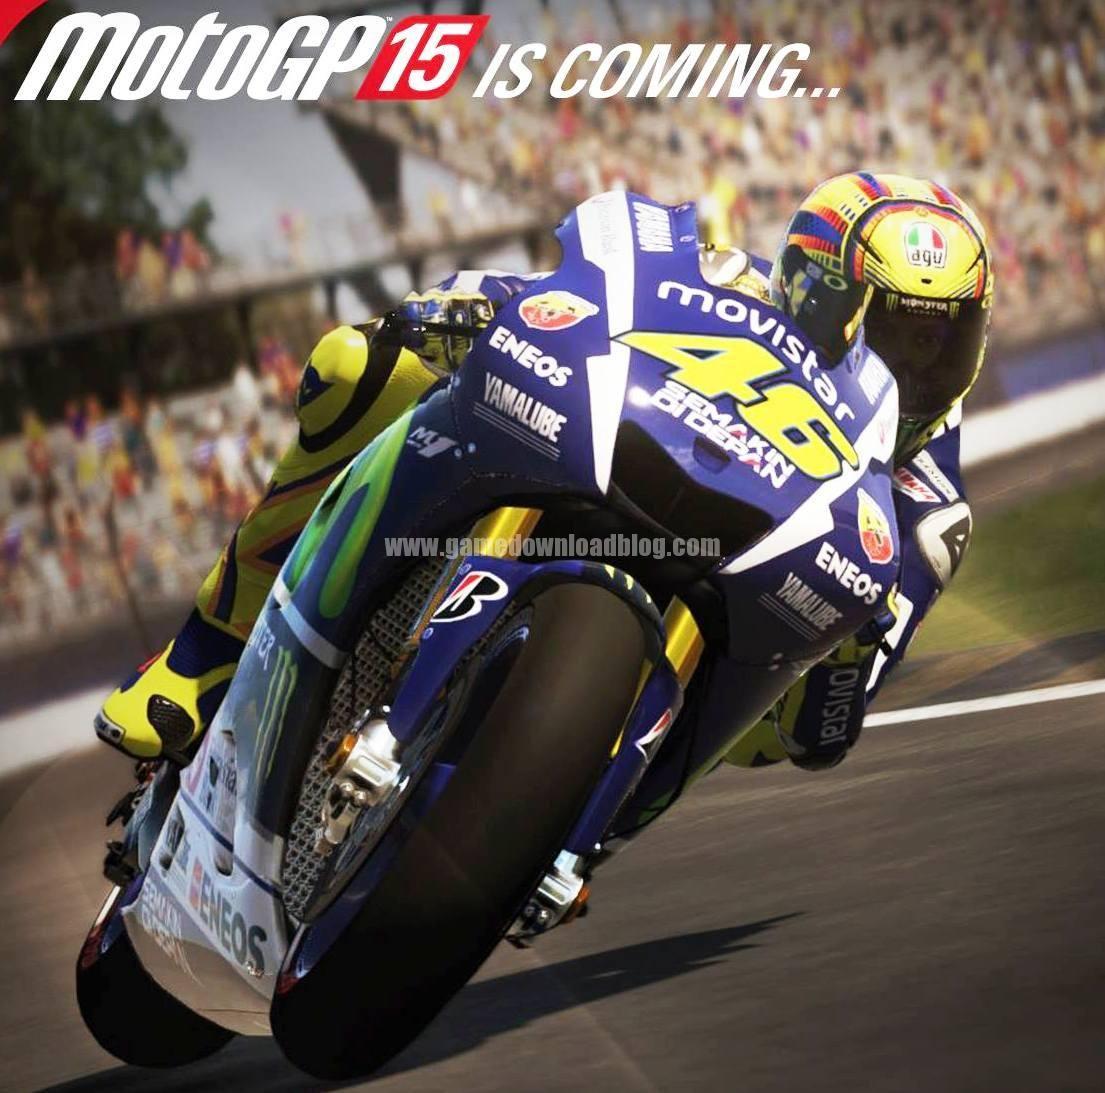 Motogp 15 Game Free Download Pc Version Racing Game Free Download